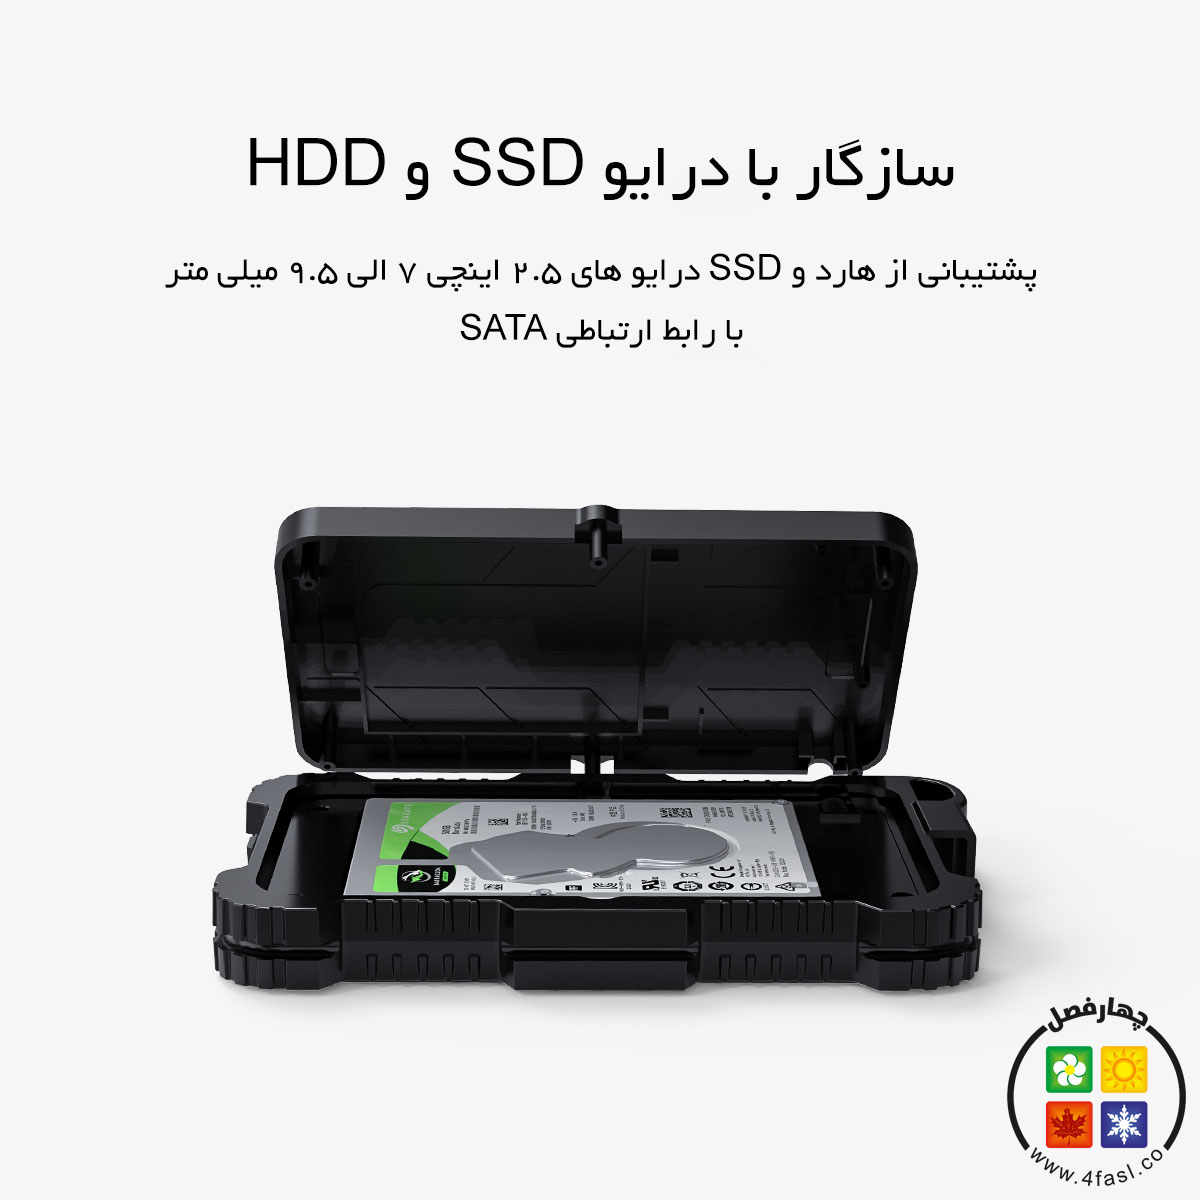 قاب SSD